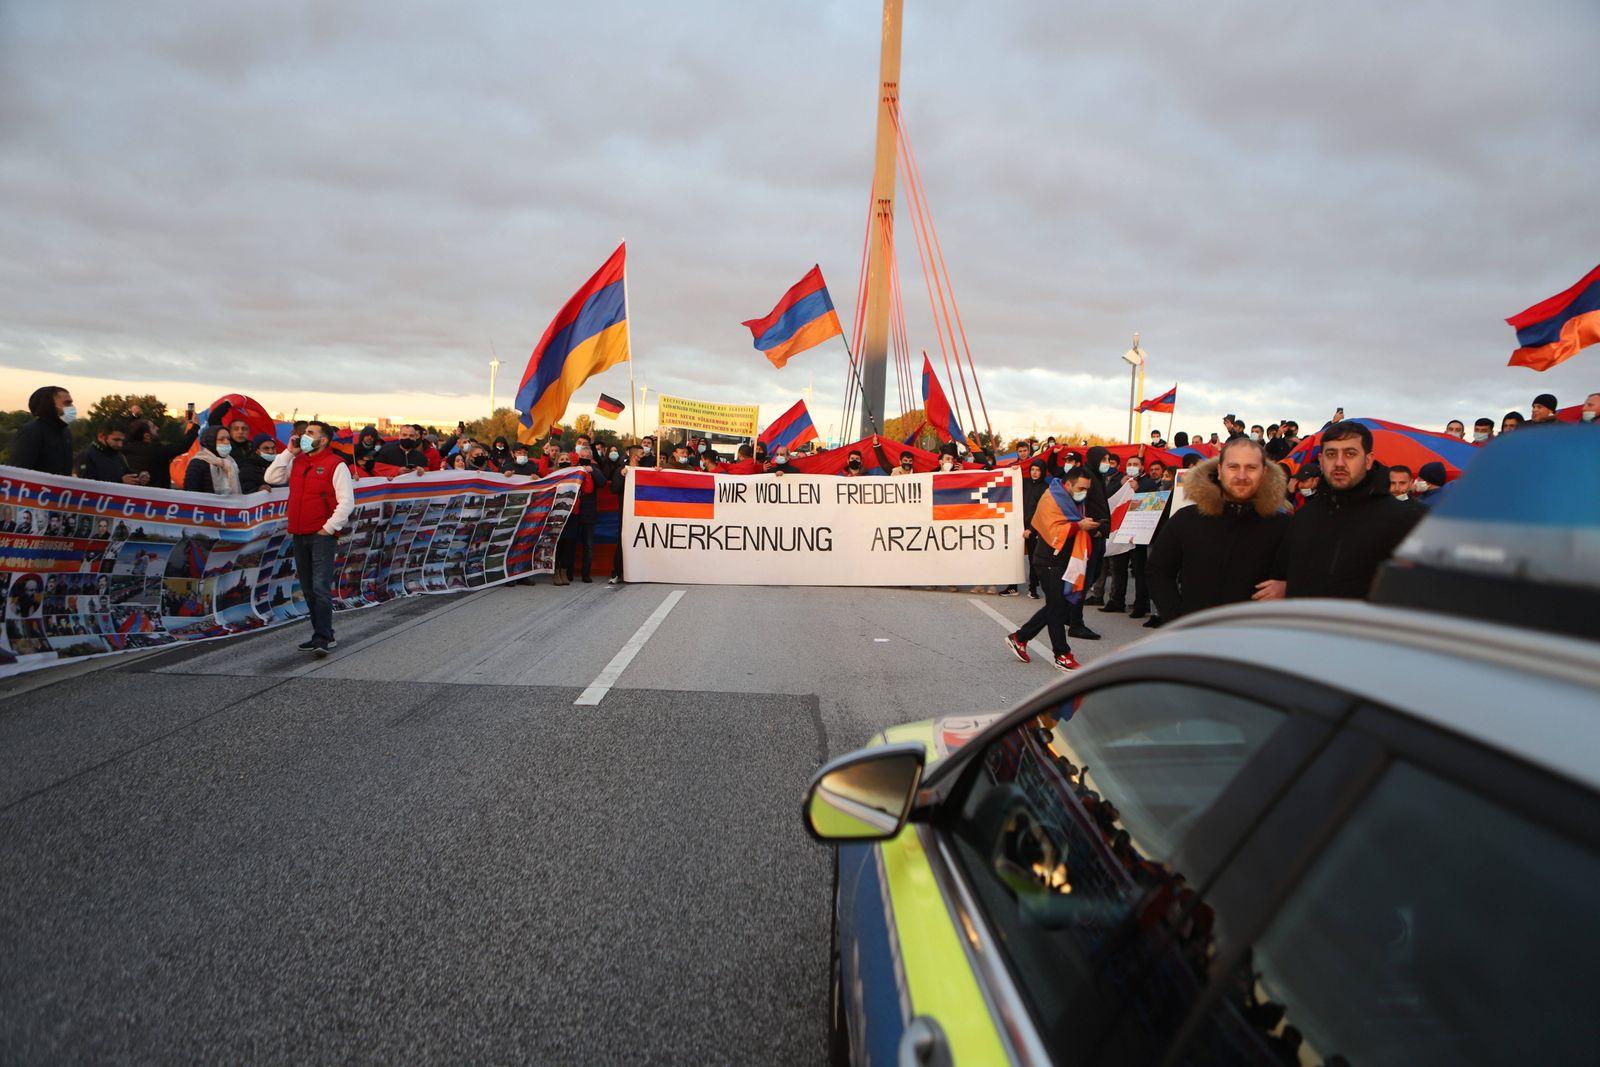 200 Demostrante blockieren Norderelbbrücken in Hamburg 16.10.20 - Hamburg: Am Freitag gegen 06:20Uhr blockierten ca. 20